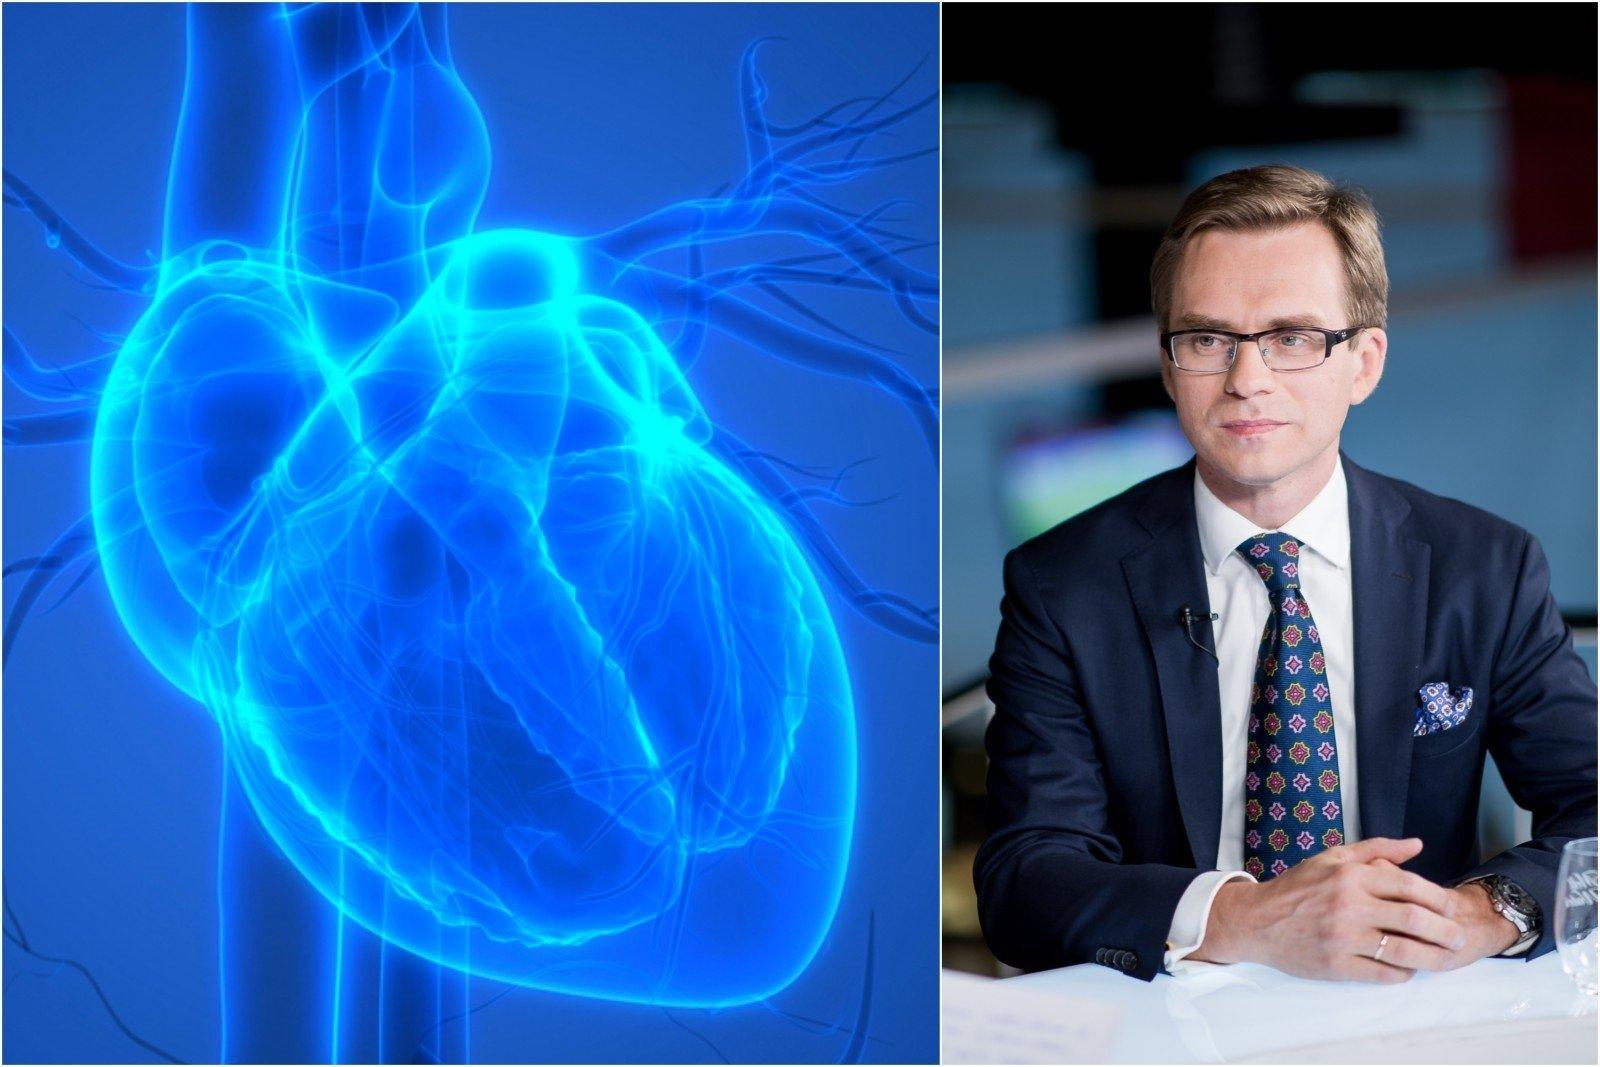 leistinas fizinis aktyvumas sergant hipertenzija